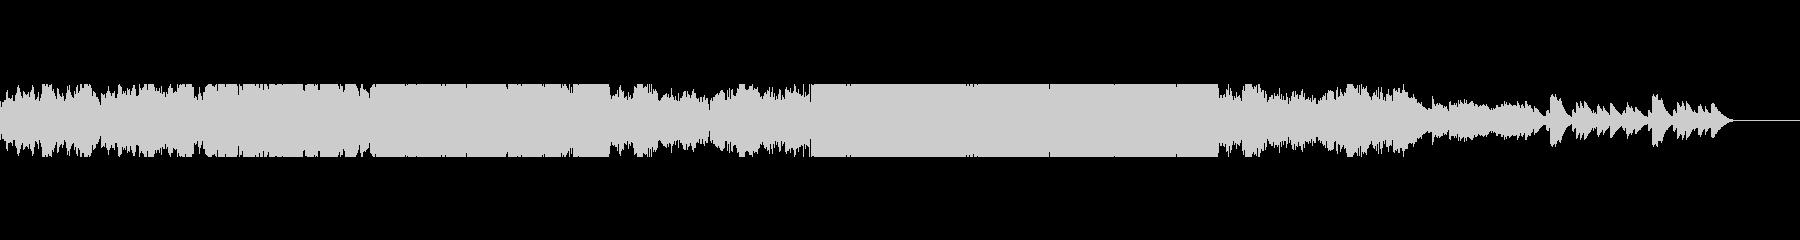 ハープとストリングスの幻想的なBGMの未再生の波形